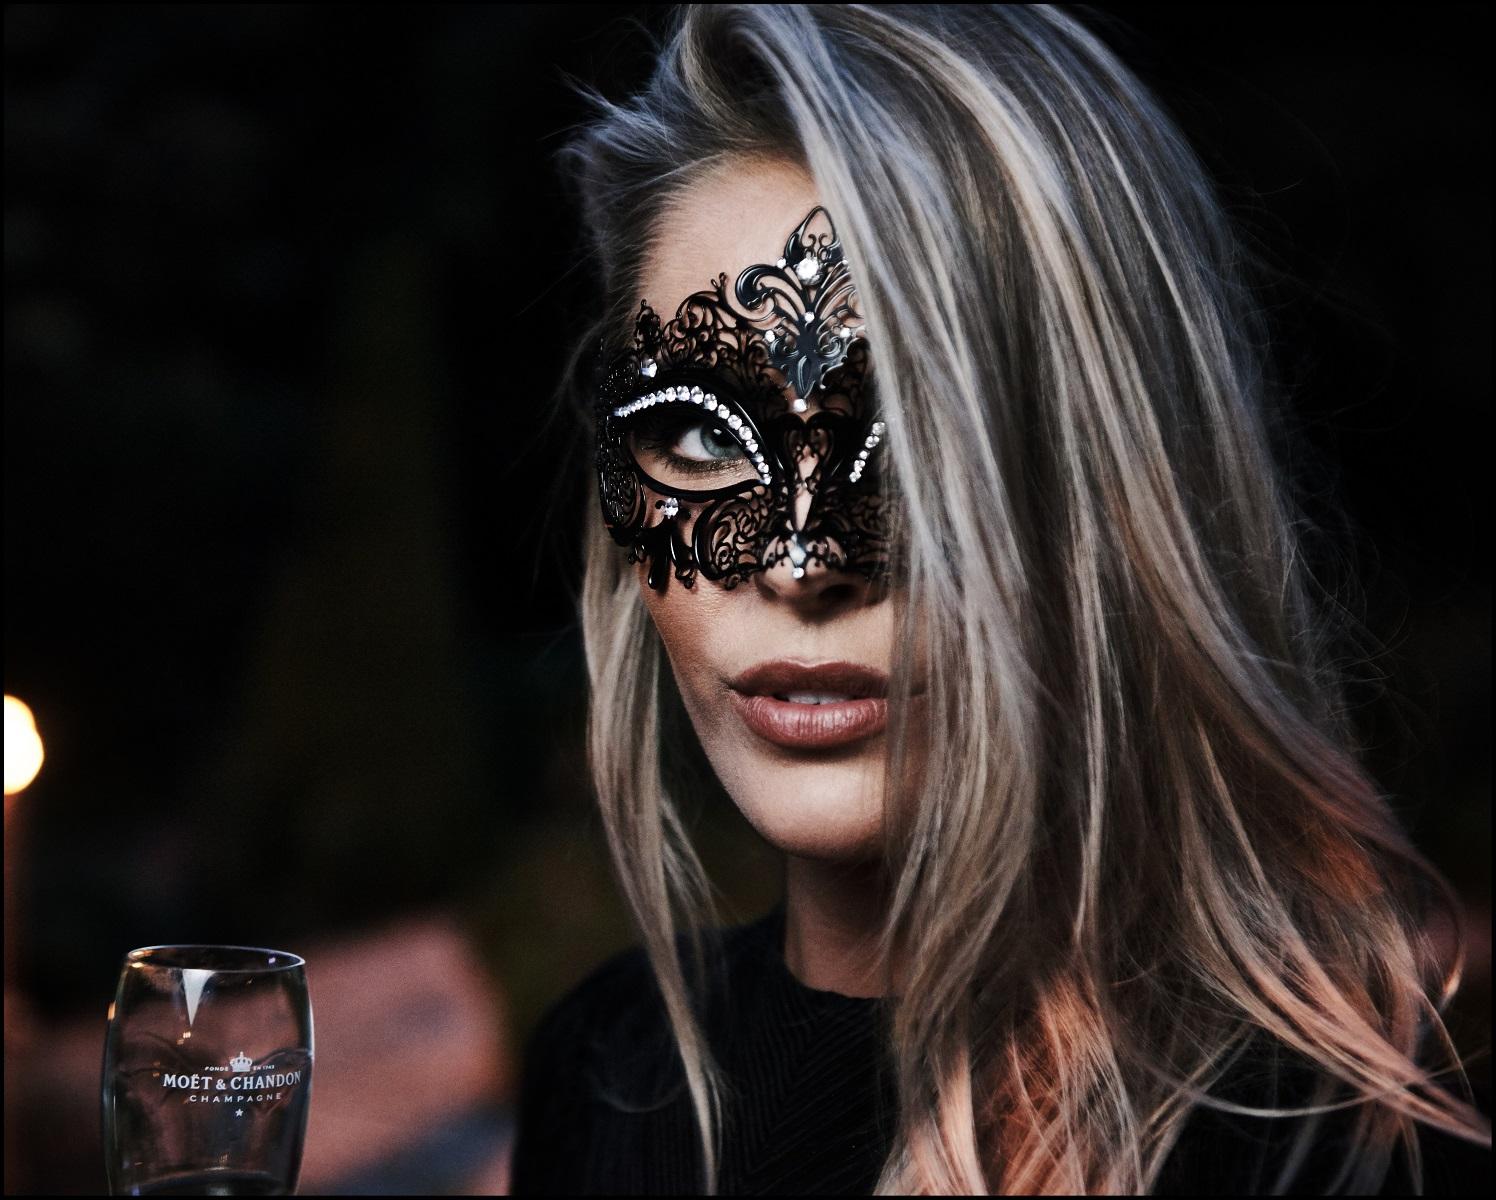 Gemaskerde BN'ers: Het Moët et Chandon Masquerade Ball